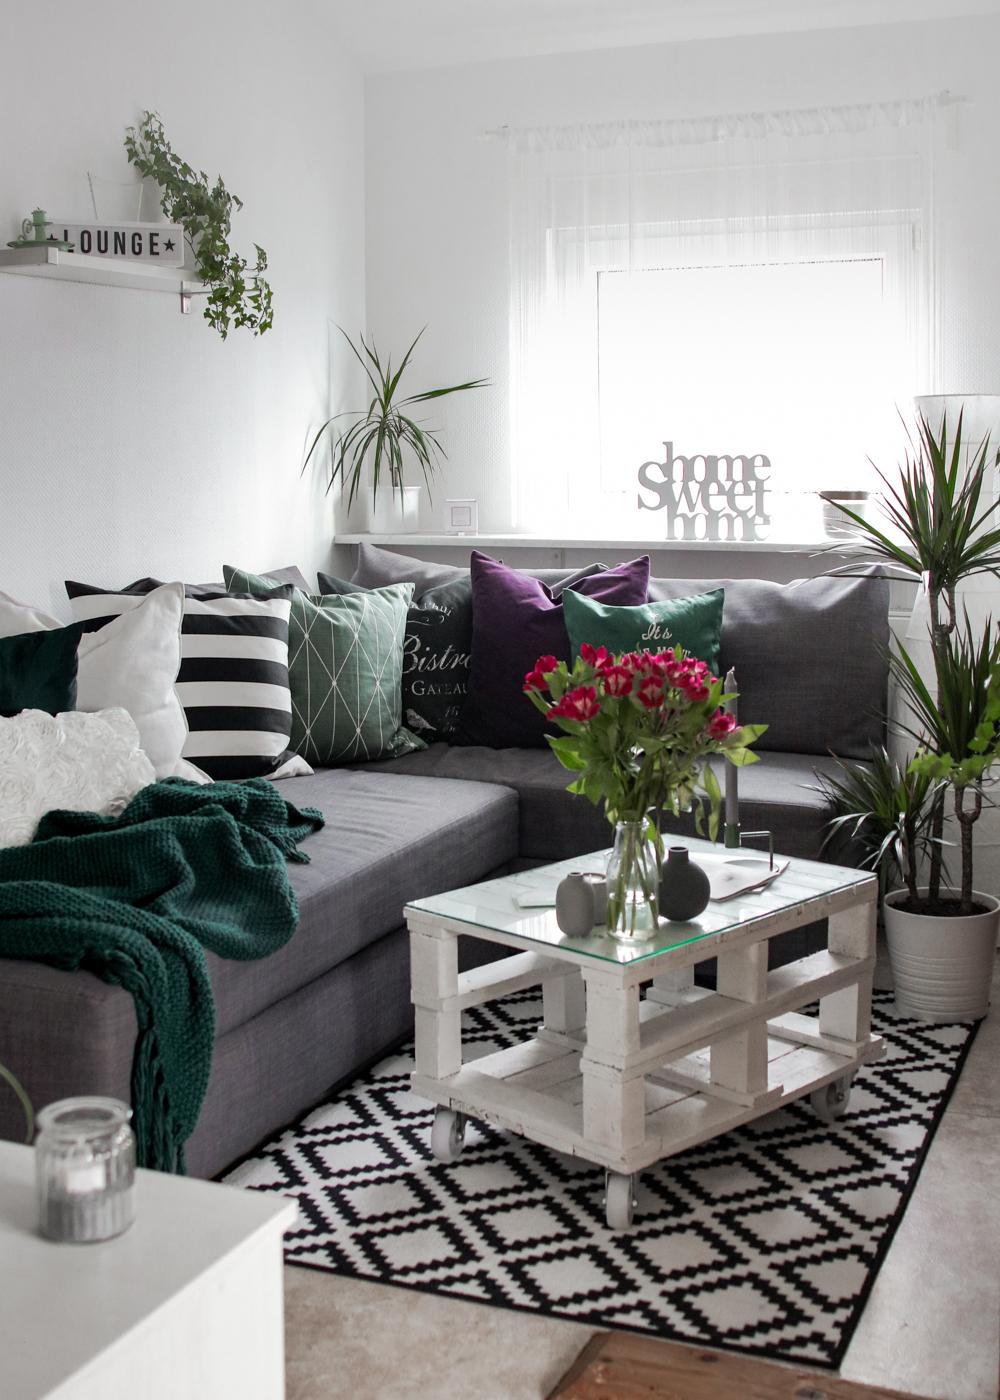 Wohnzimmer Einrichtung Lila Gruen Deko Kissen Vasen Couchtisch Aus Paletten